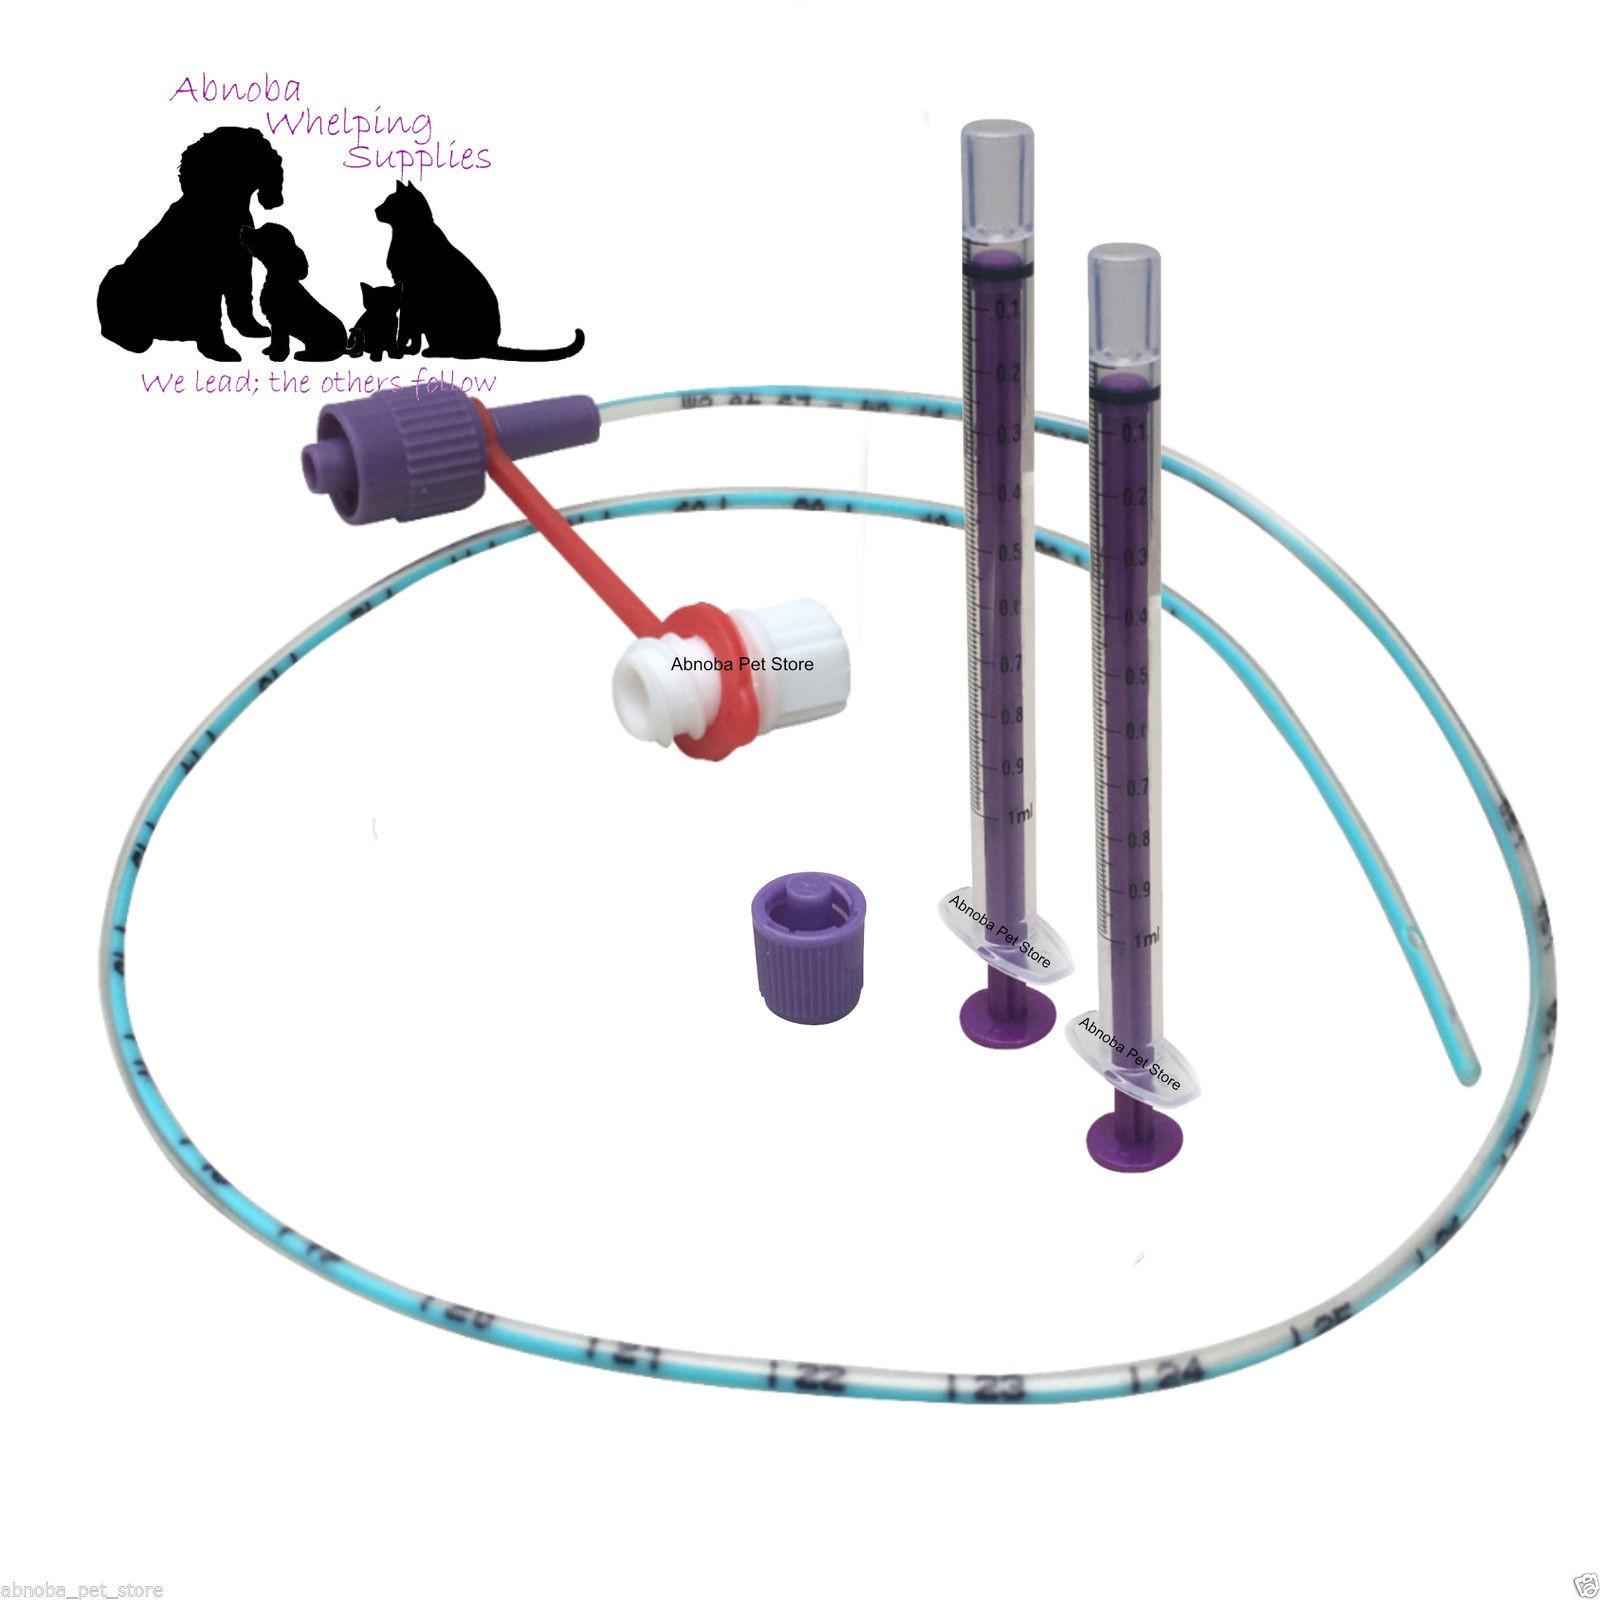 NEW LONGLIFE Tube Feeding Kit - 5 French Tube, 2  x 1ml Syringes & Cap